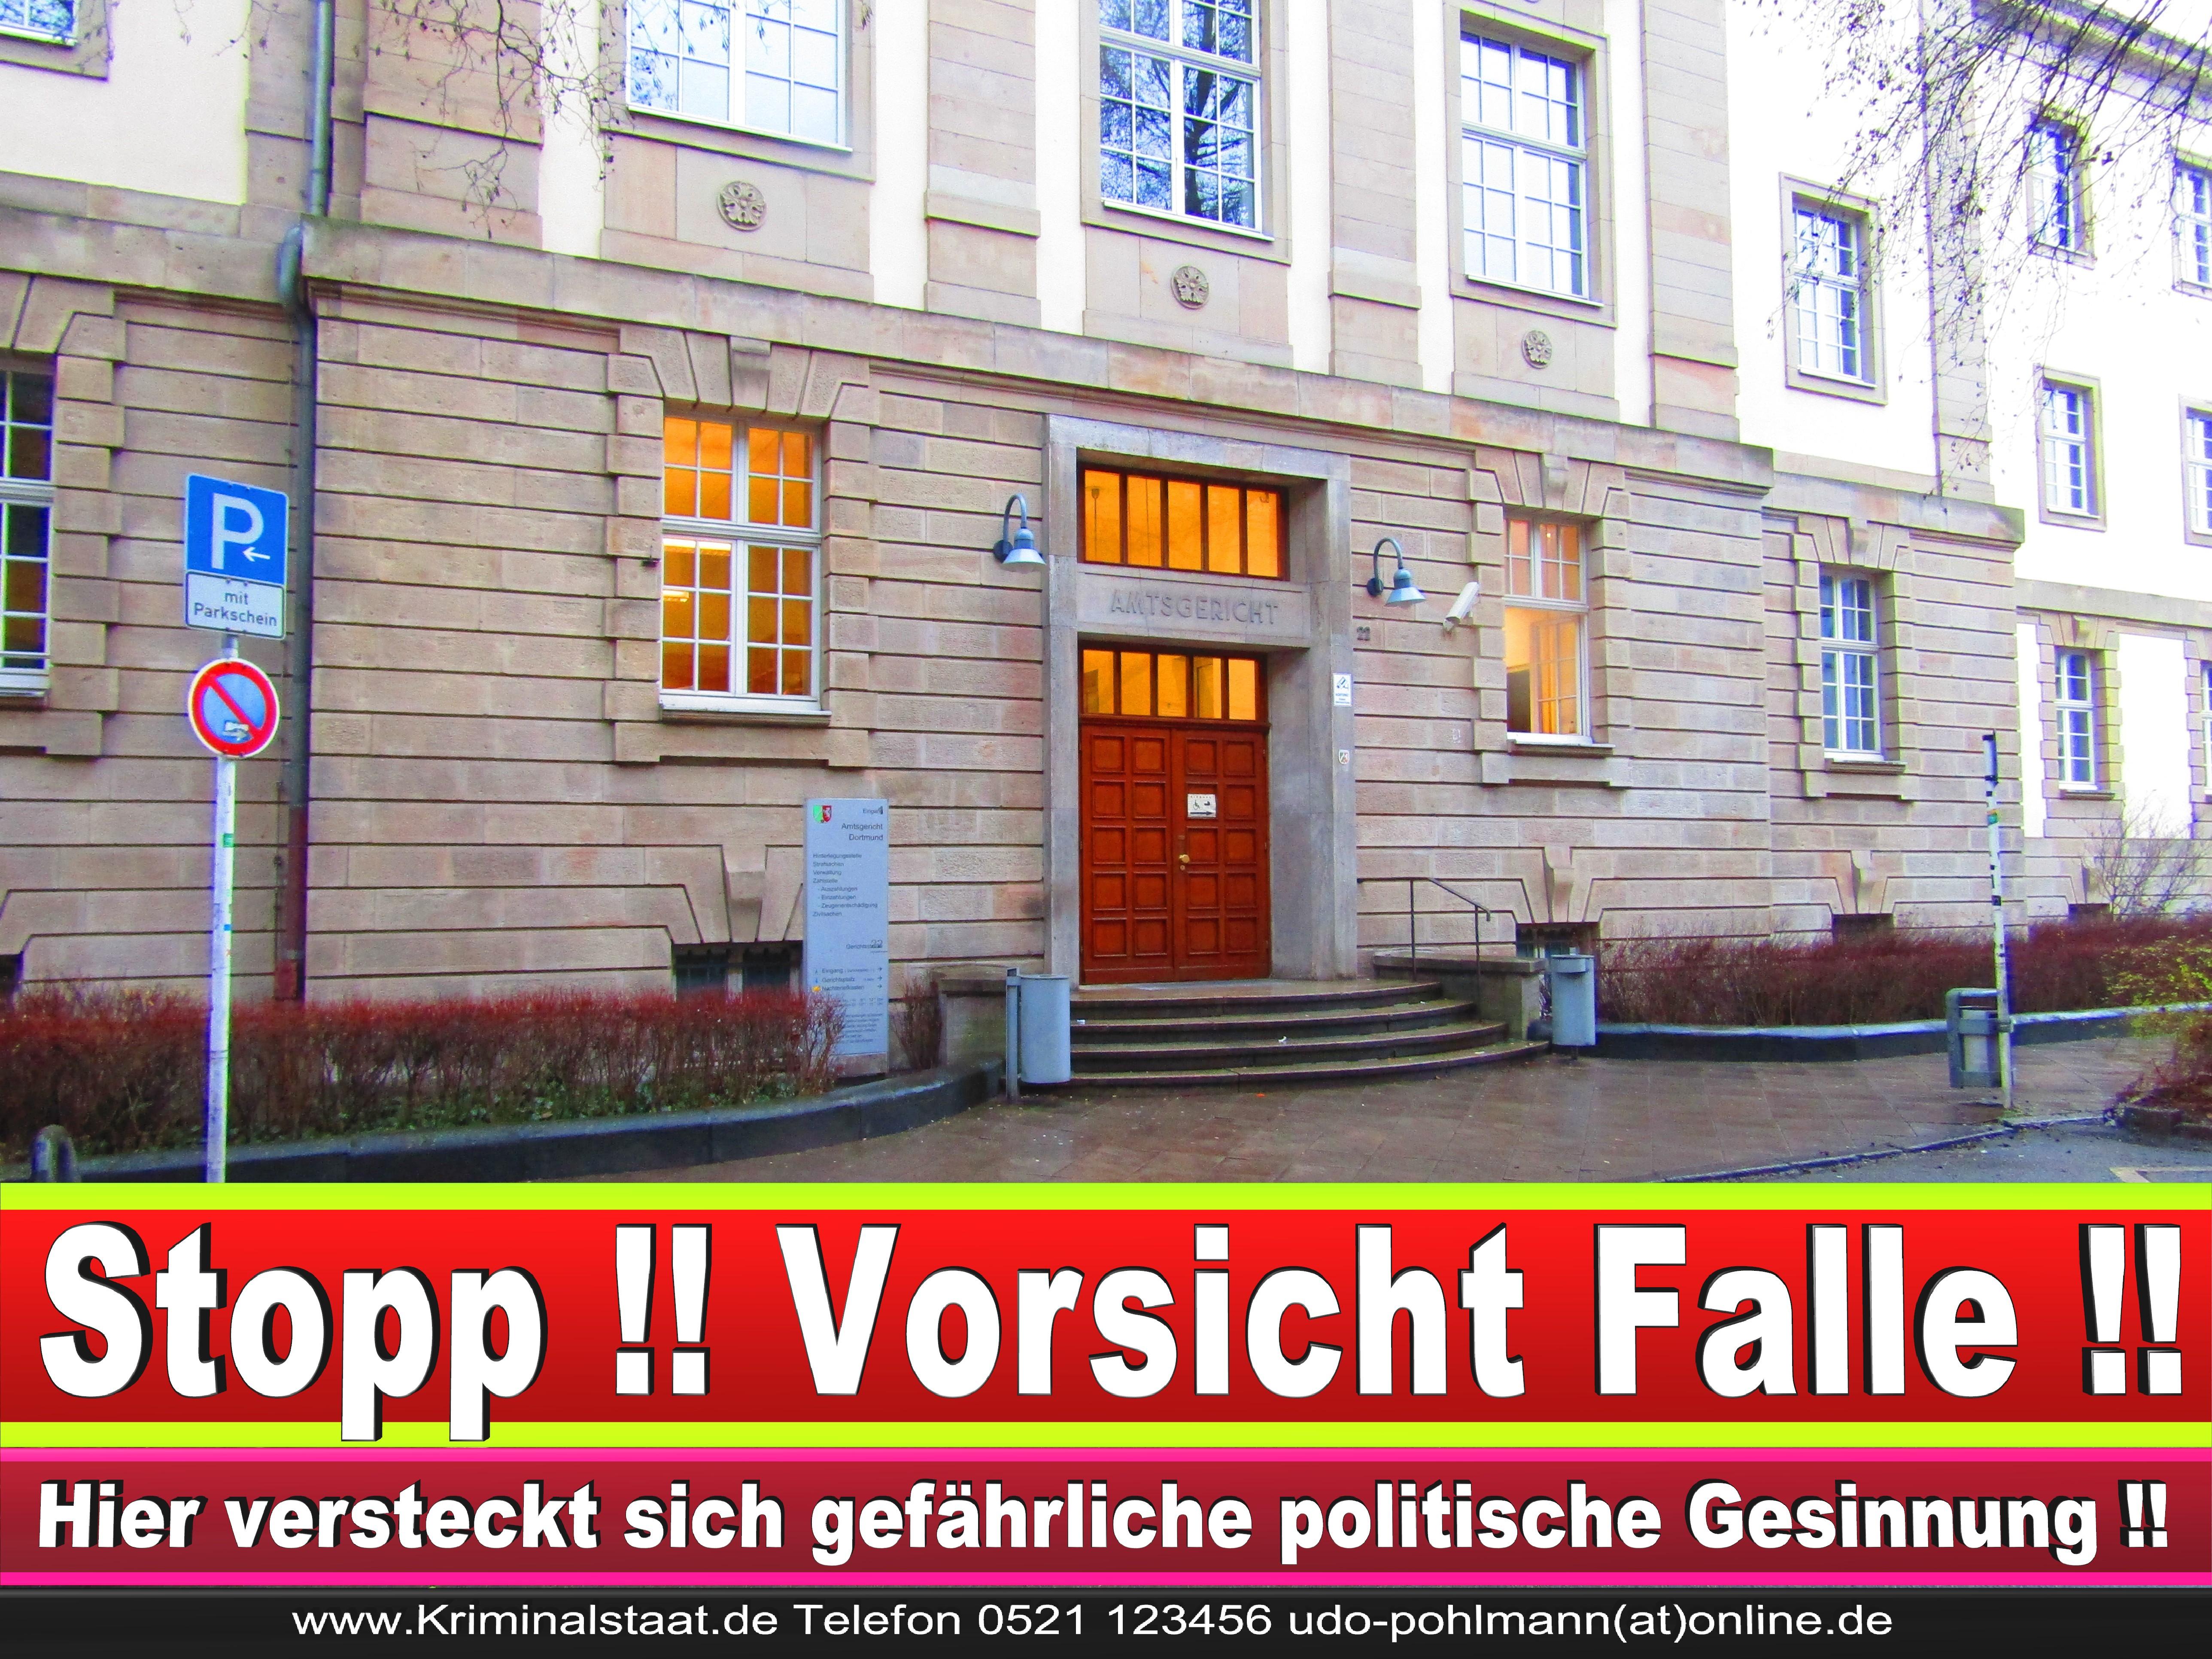 AMTSGERICHT DORTMUND RICHTER AUSBILDUNG PRAKTIKUM ANFAHRT URTEILE KORRUPTION POLIZEI ADRESSE DIREKTOR (12) 1 1